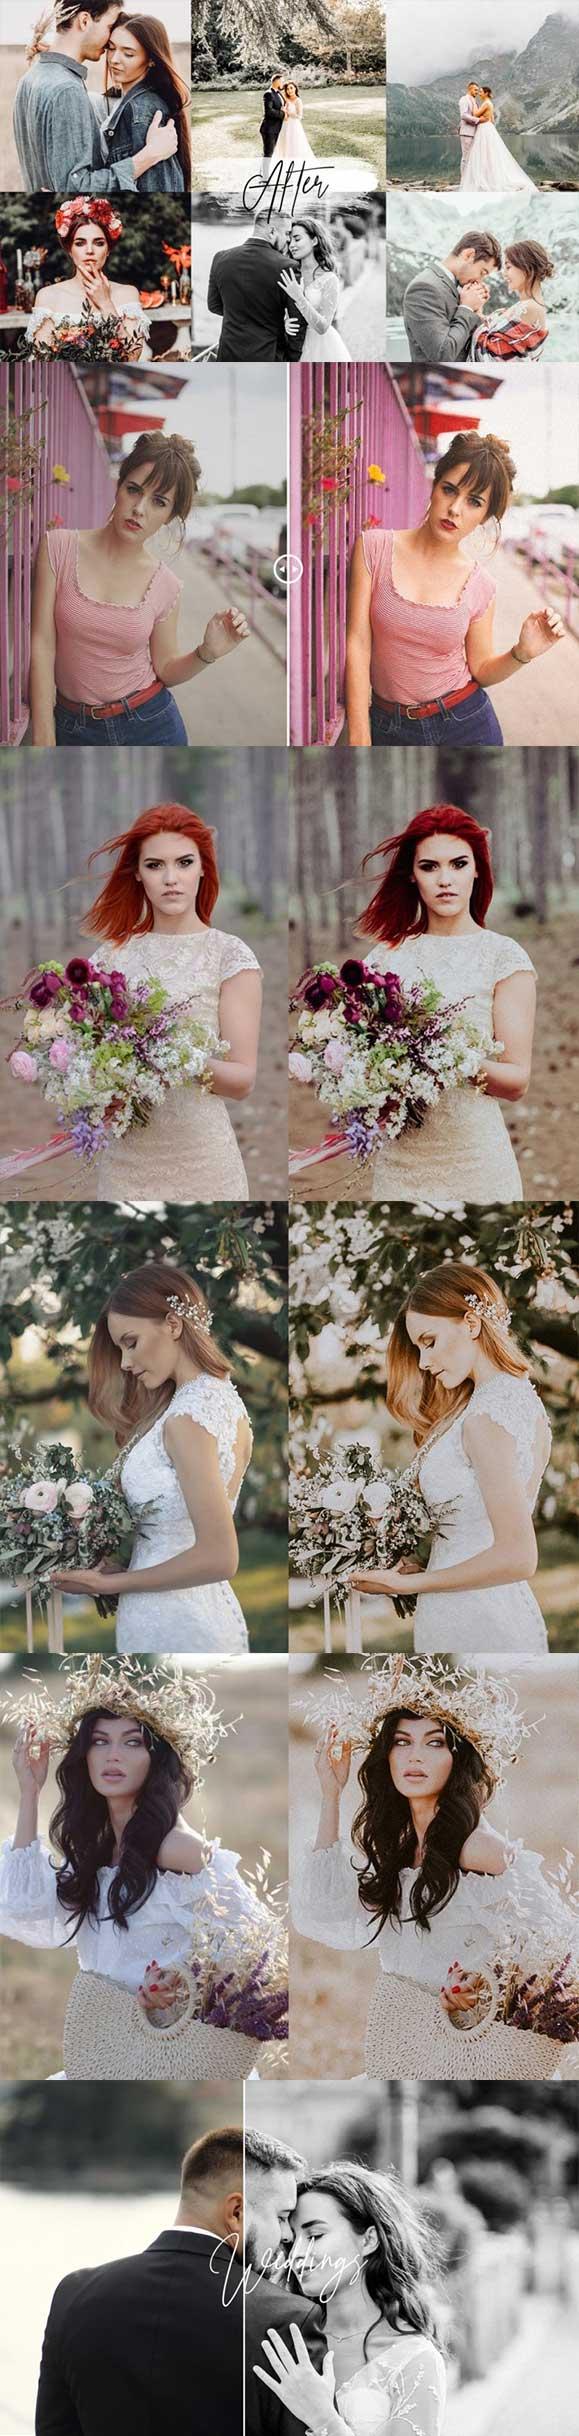 پریست عکاسی عروسی Wedding Lightroom Presets